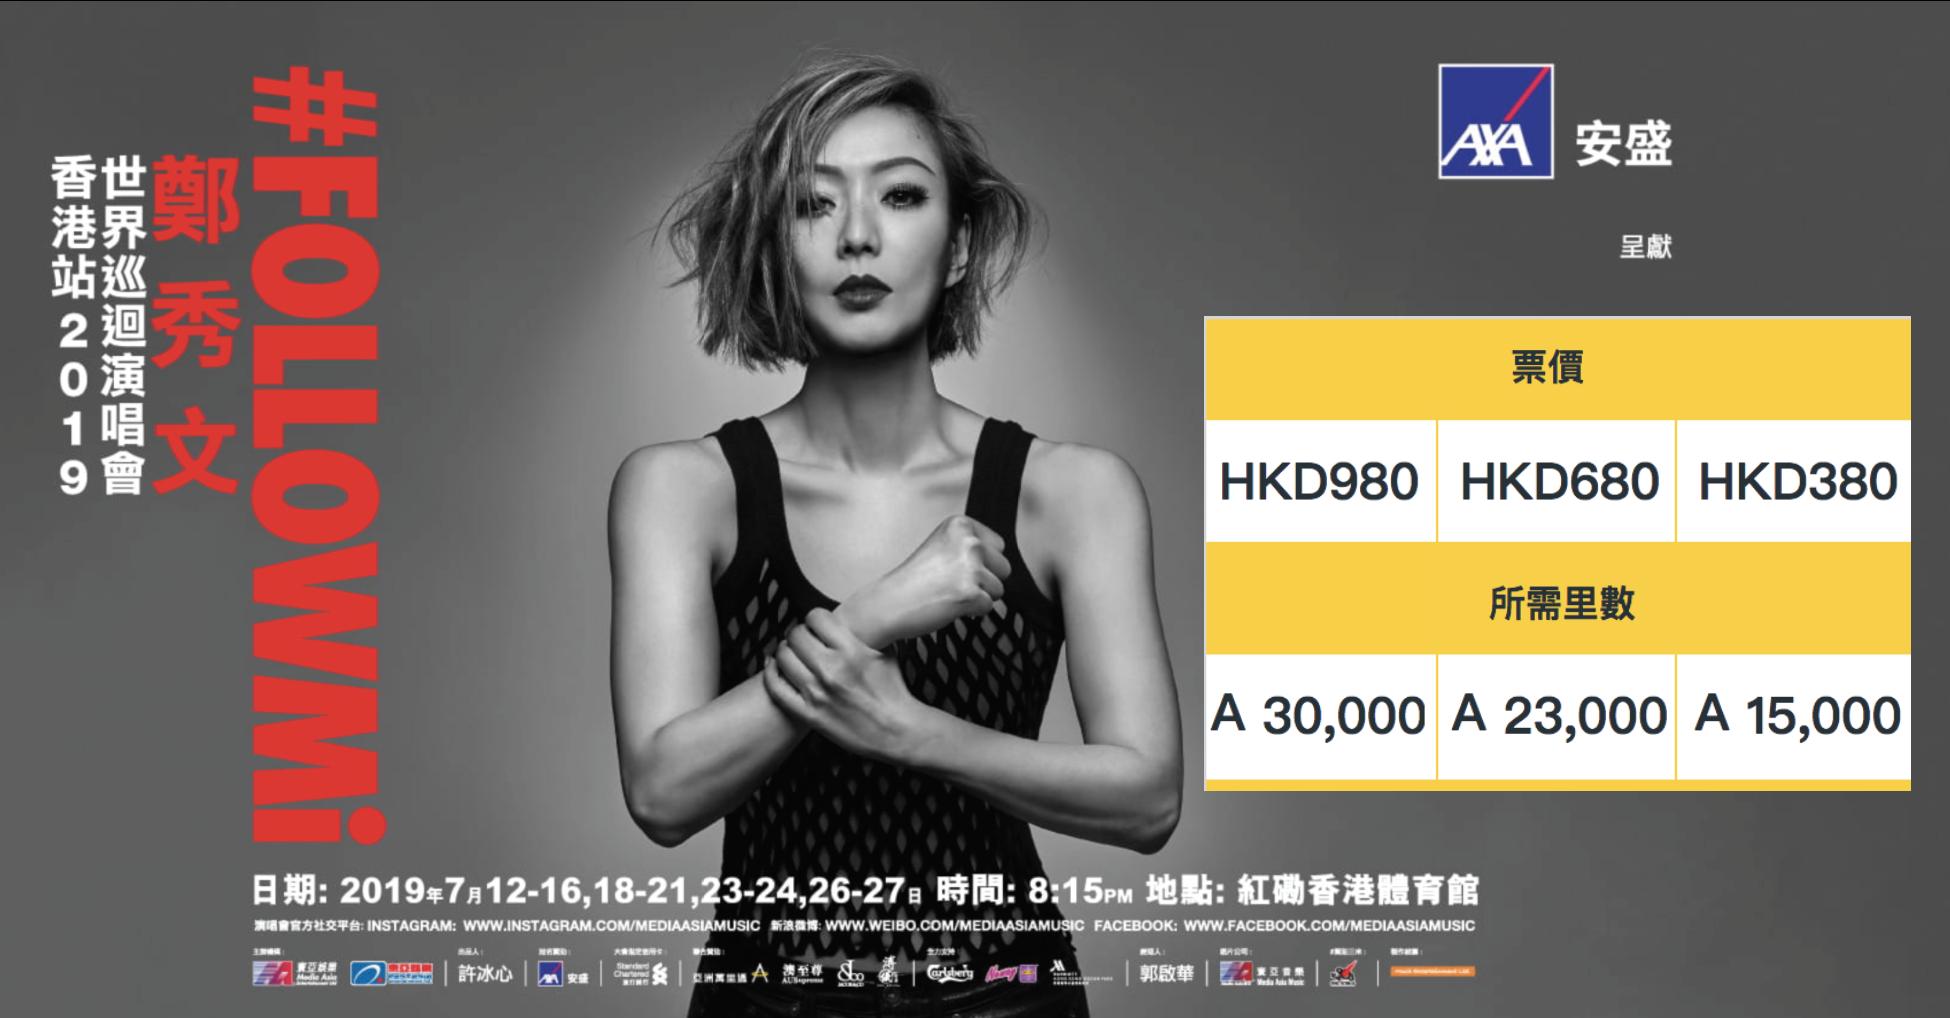 AXA安盛呈獻 #FOLLOWMi鄭秀文世界巡迴演唱會 Asia Miles可以兌換啦!